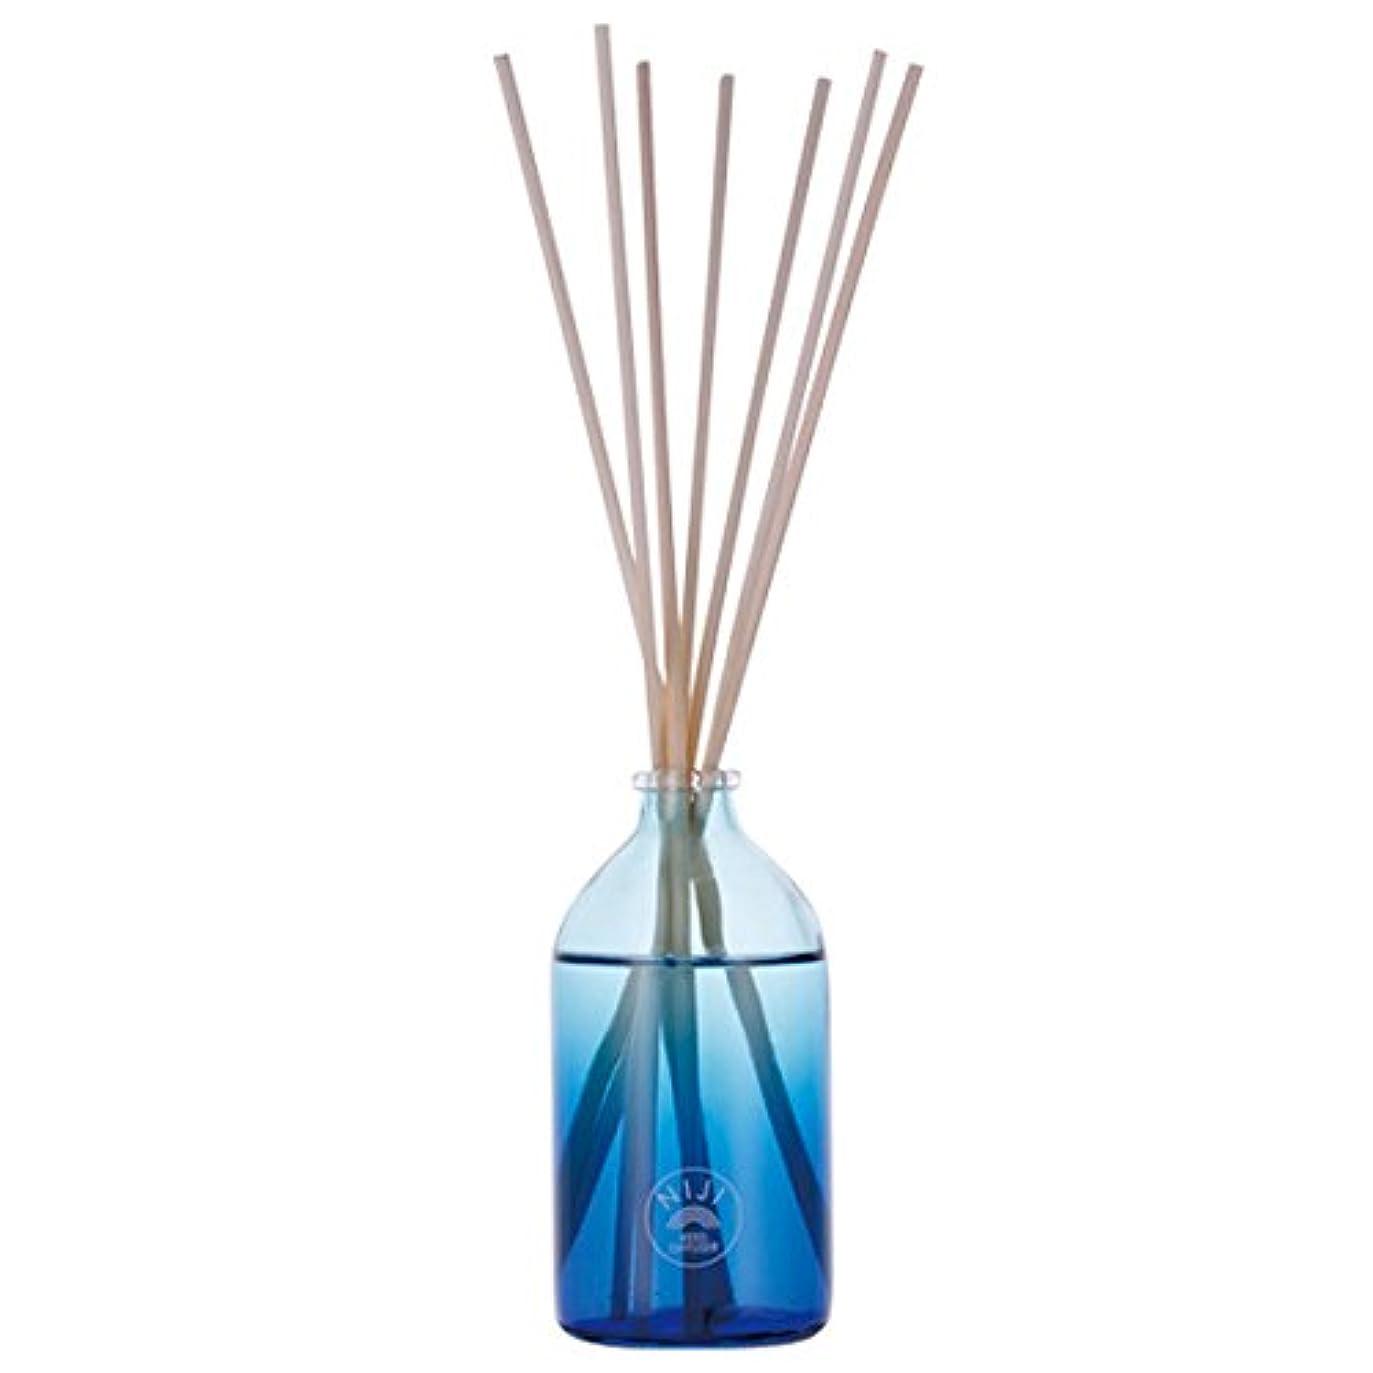 静けさジョセフバンクスリゾート大香 NIJI reed diffuser Bright blue Sky 100ml